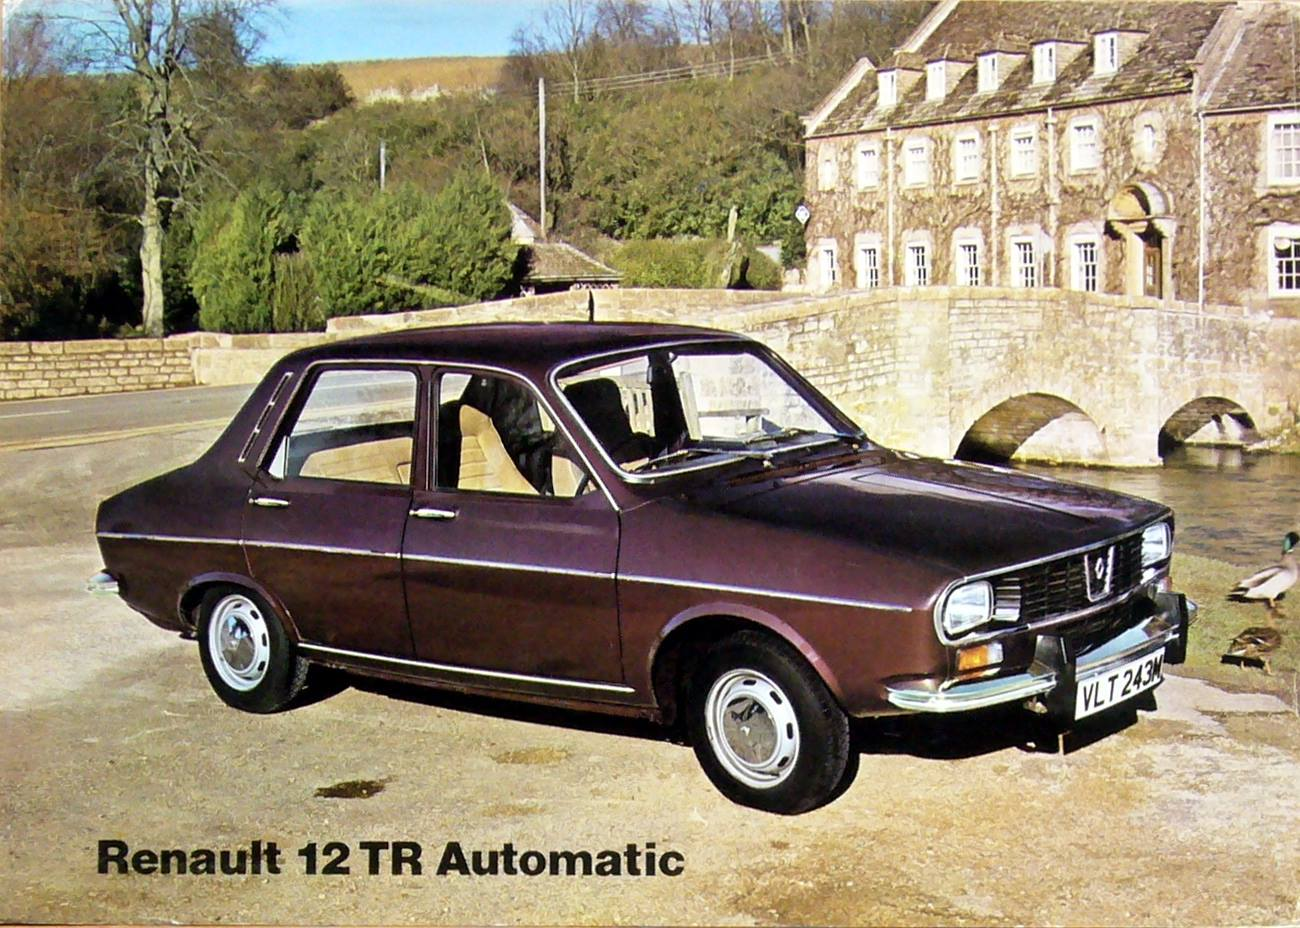 Renault-12-TR-type-1-break-1974-75-4